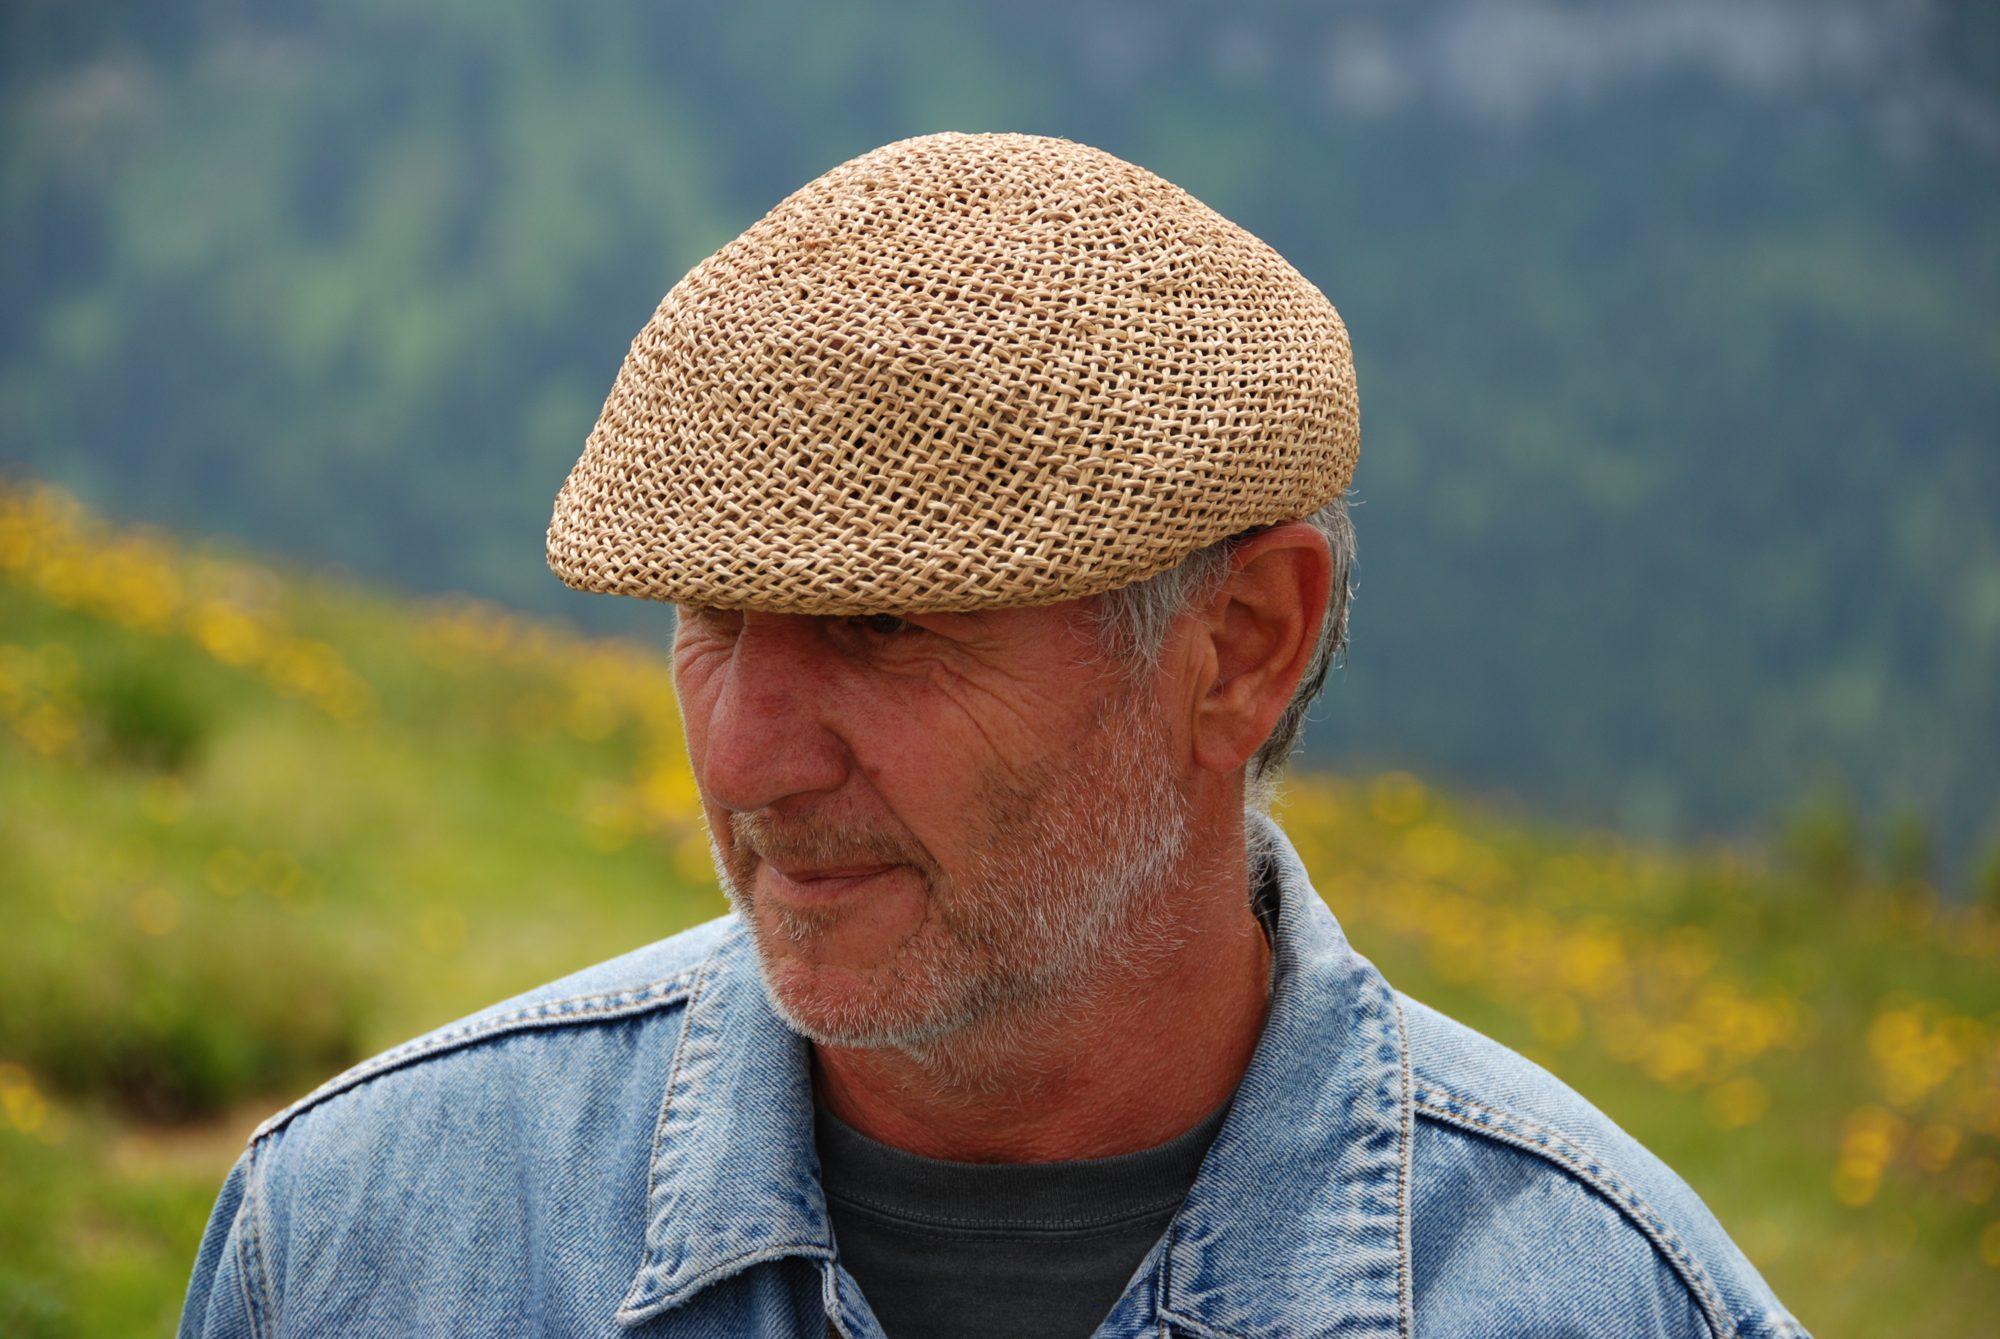 Juni 2012 – Familientreffen im Allgäu. Wandering Wolfgang mit Master-Schlapp-Kapp.